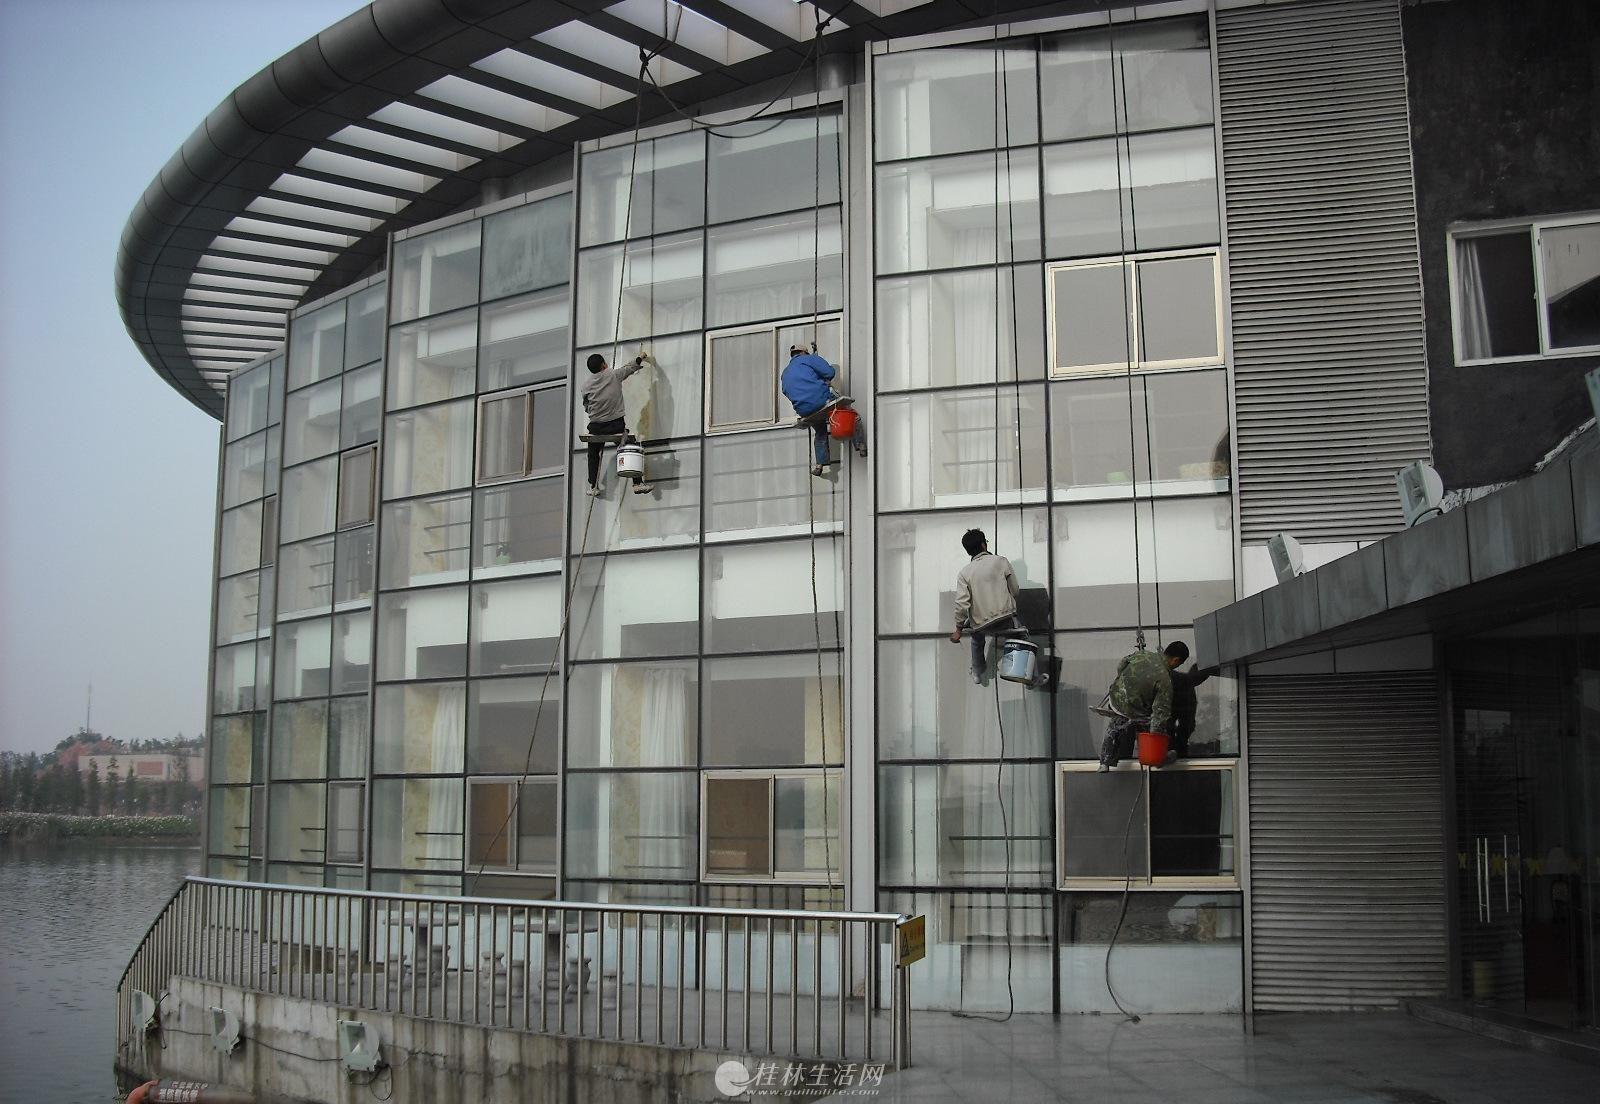 桂林七星区公司家庭酒店地毯清洗,开荒保洁 外墙清洗 广告牌拆装公司